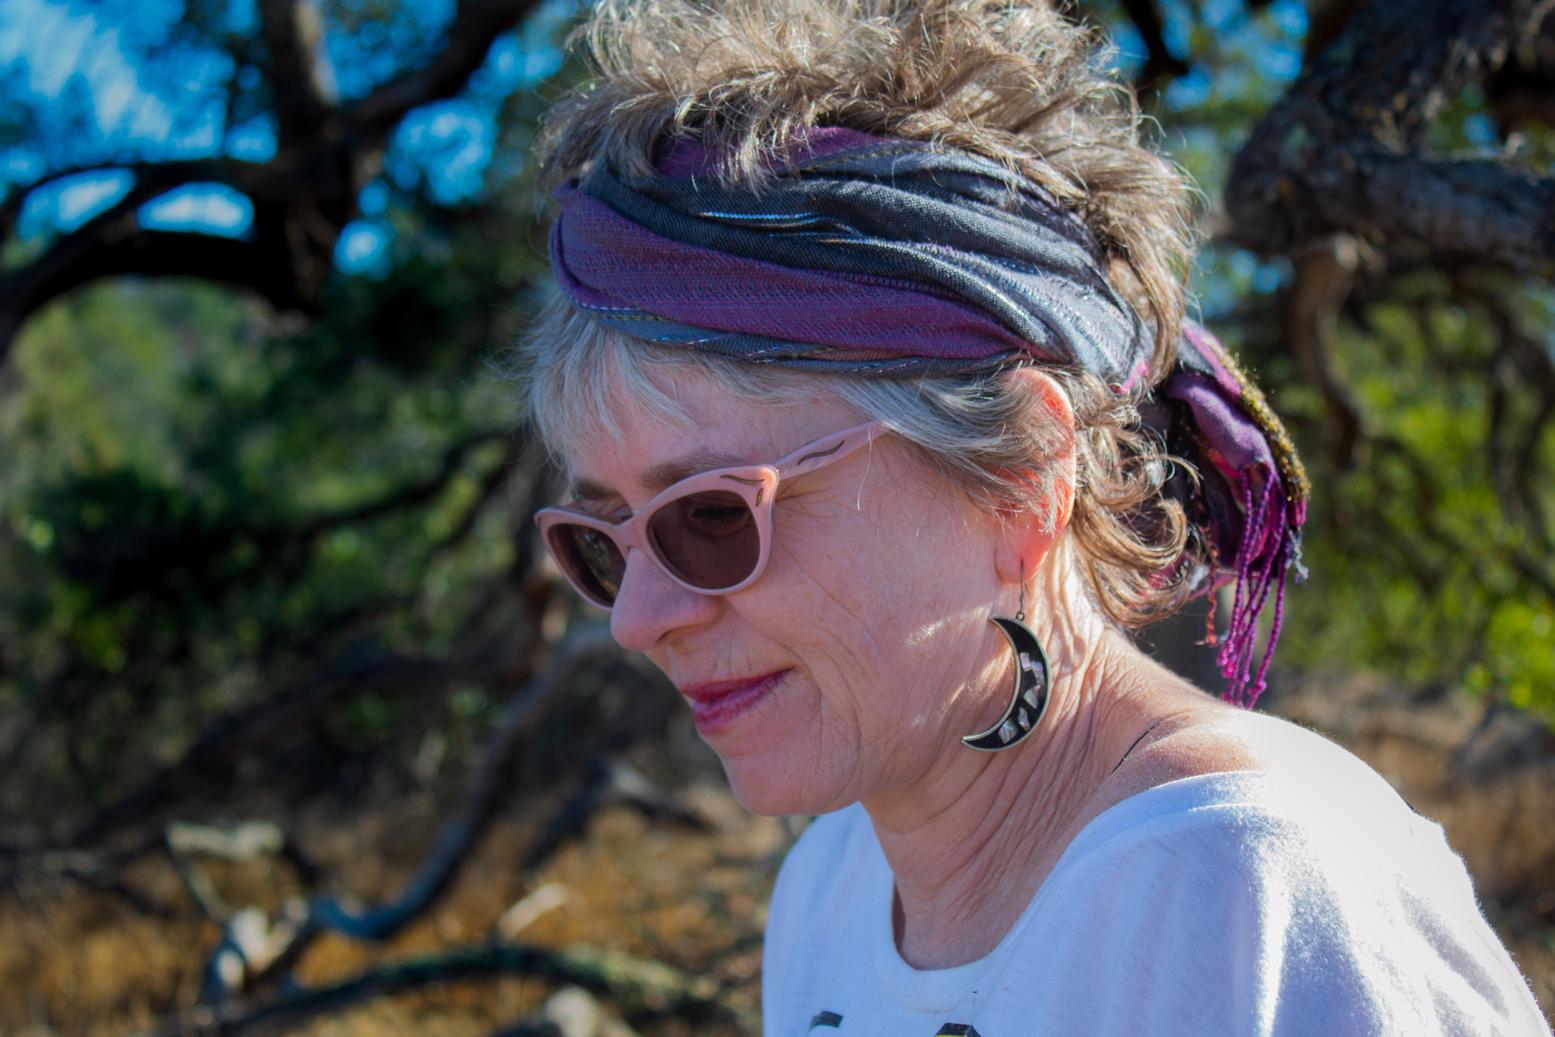 Kathy Crabbe, Santa Rosa Plateau, California, Nov. 2018